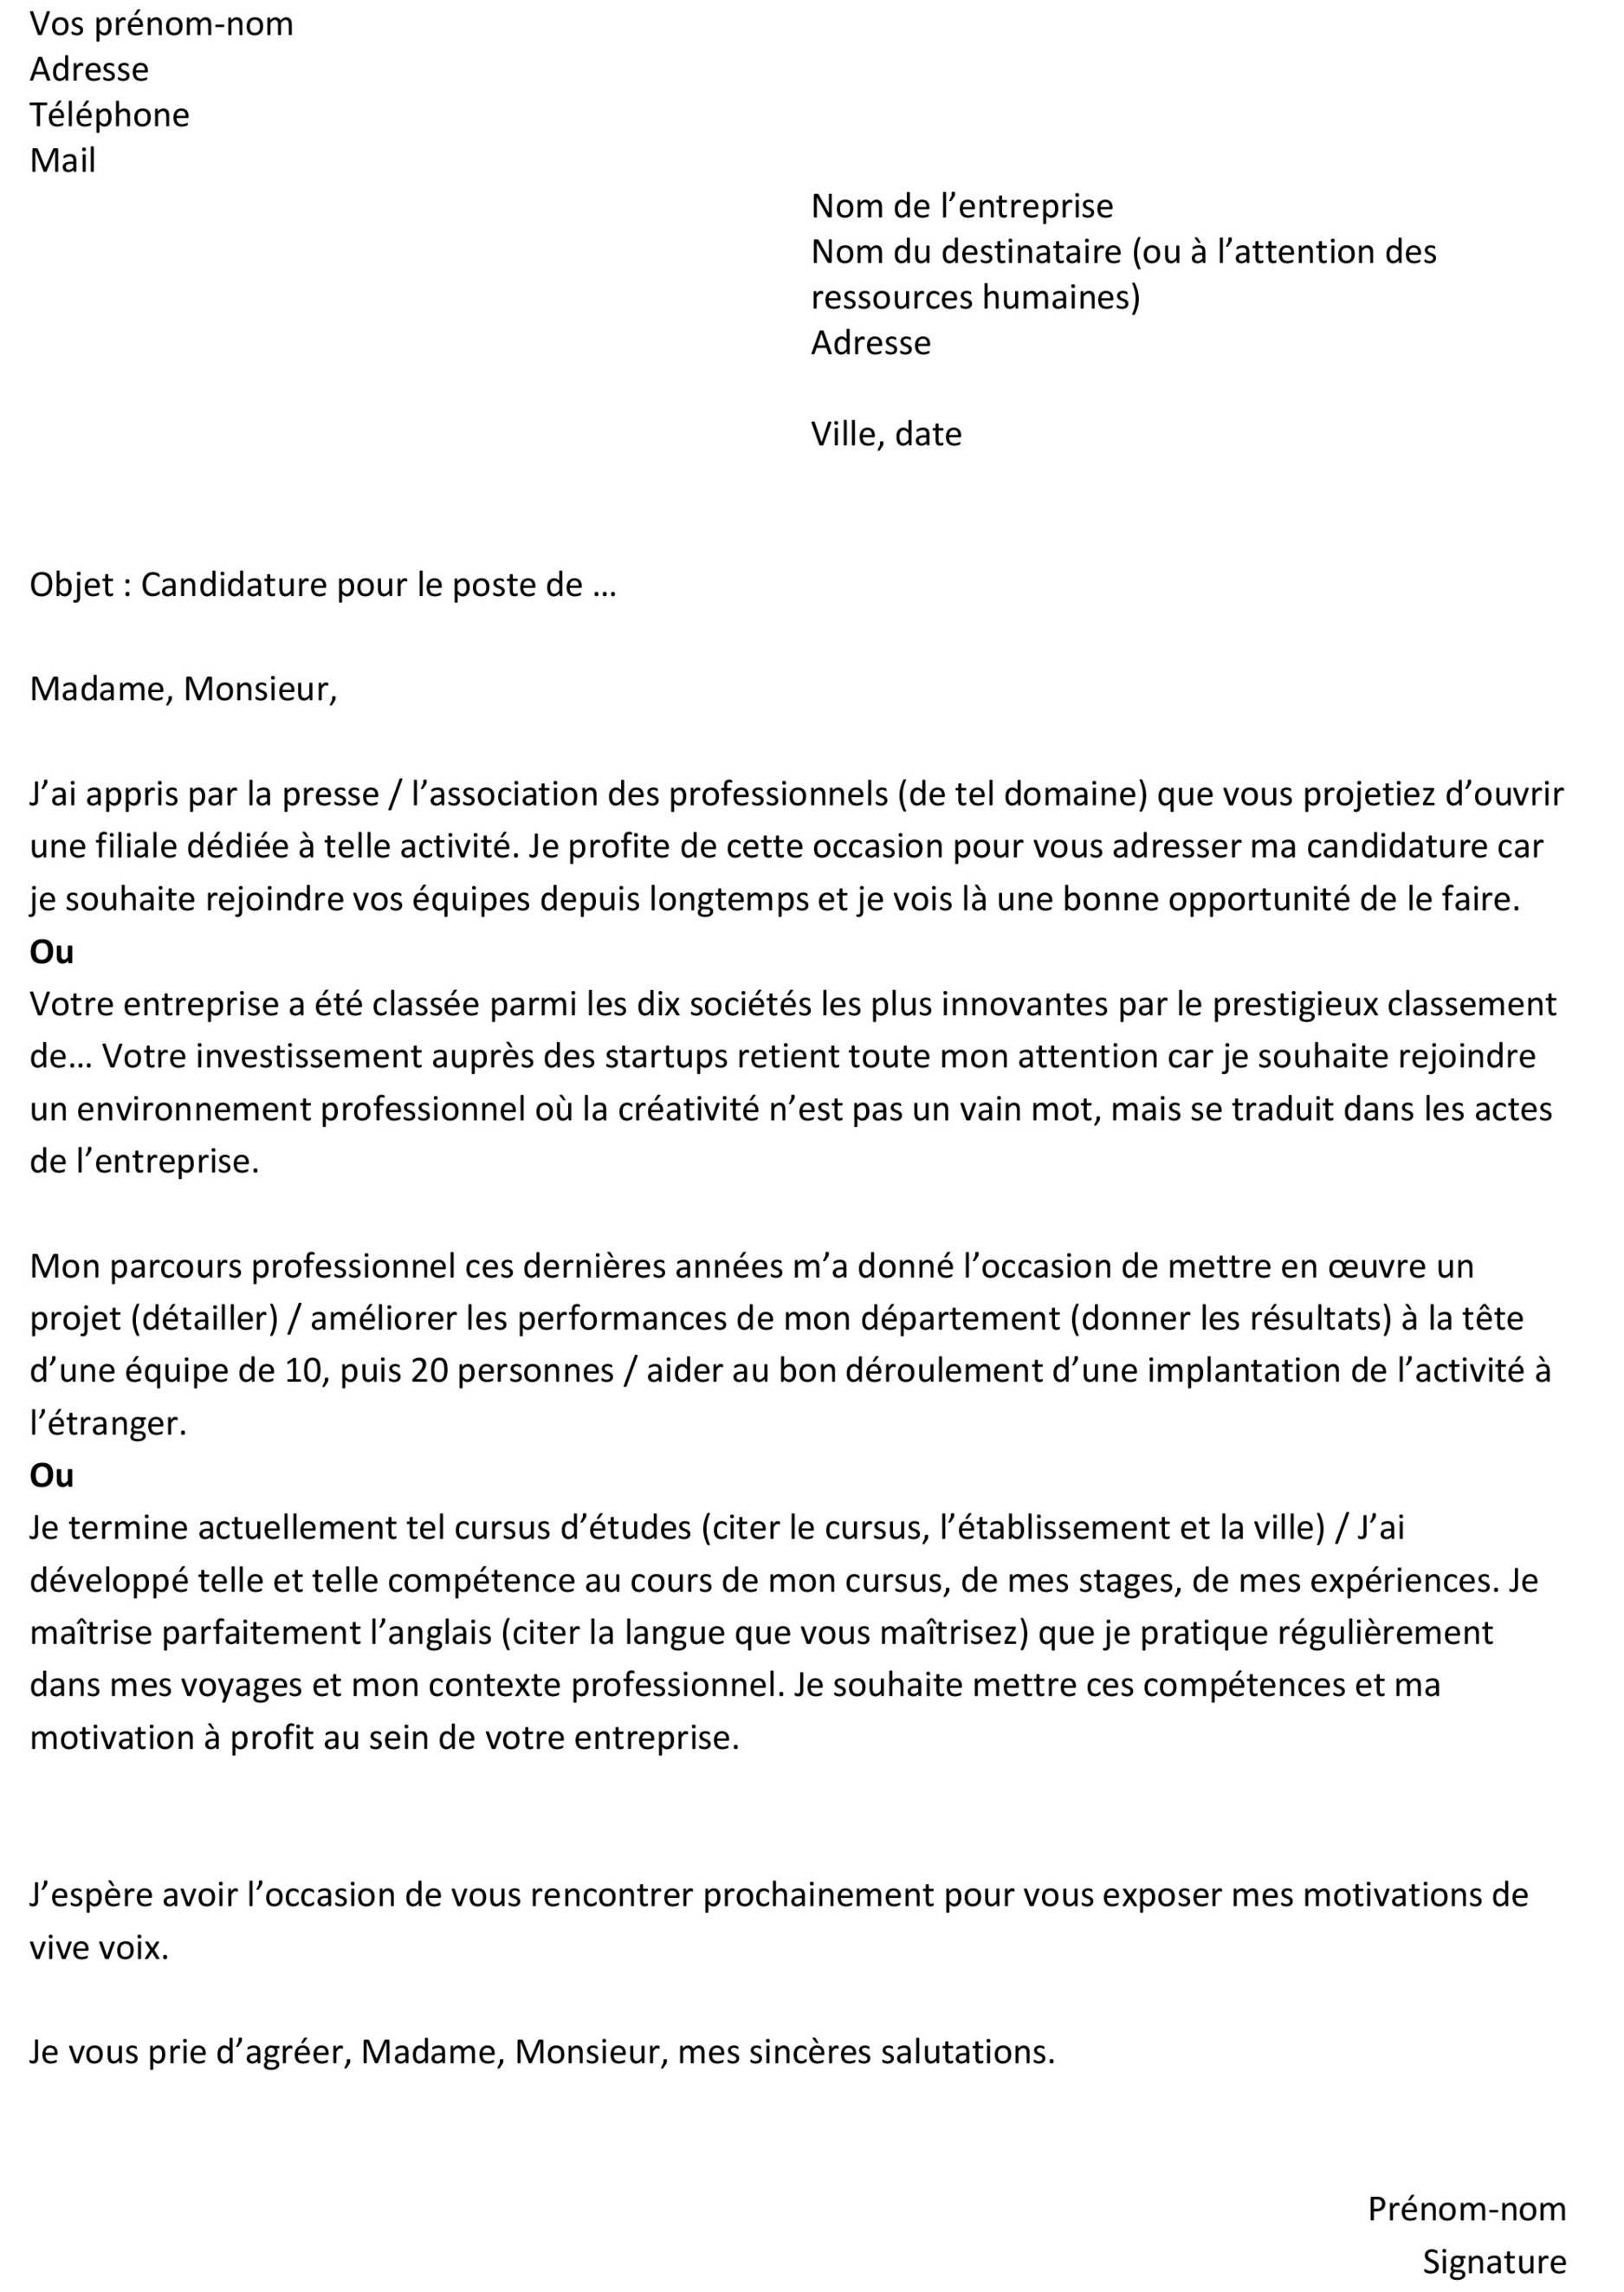 image lettre de motivation date lettre de presentation